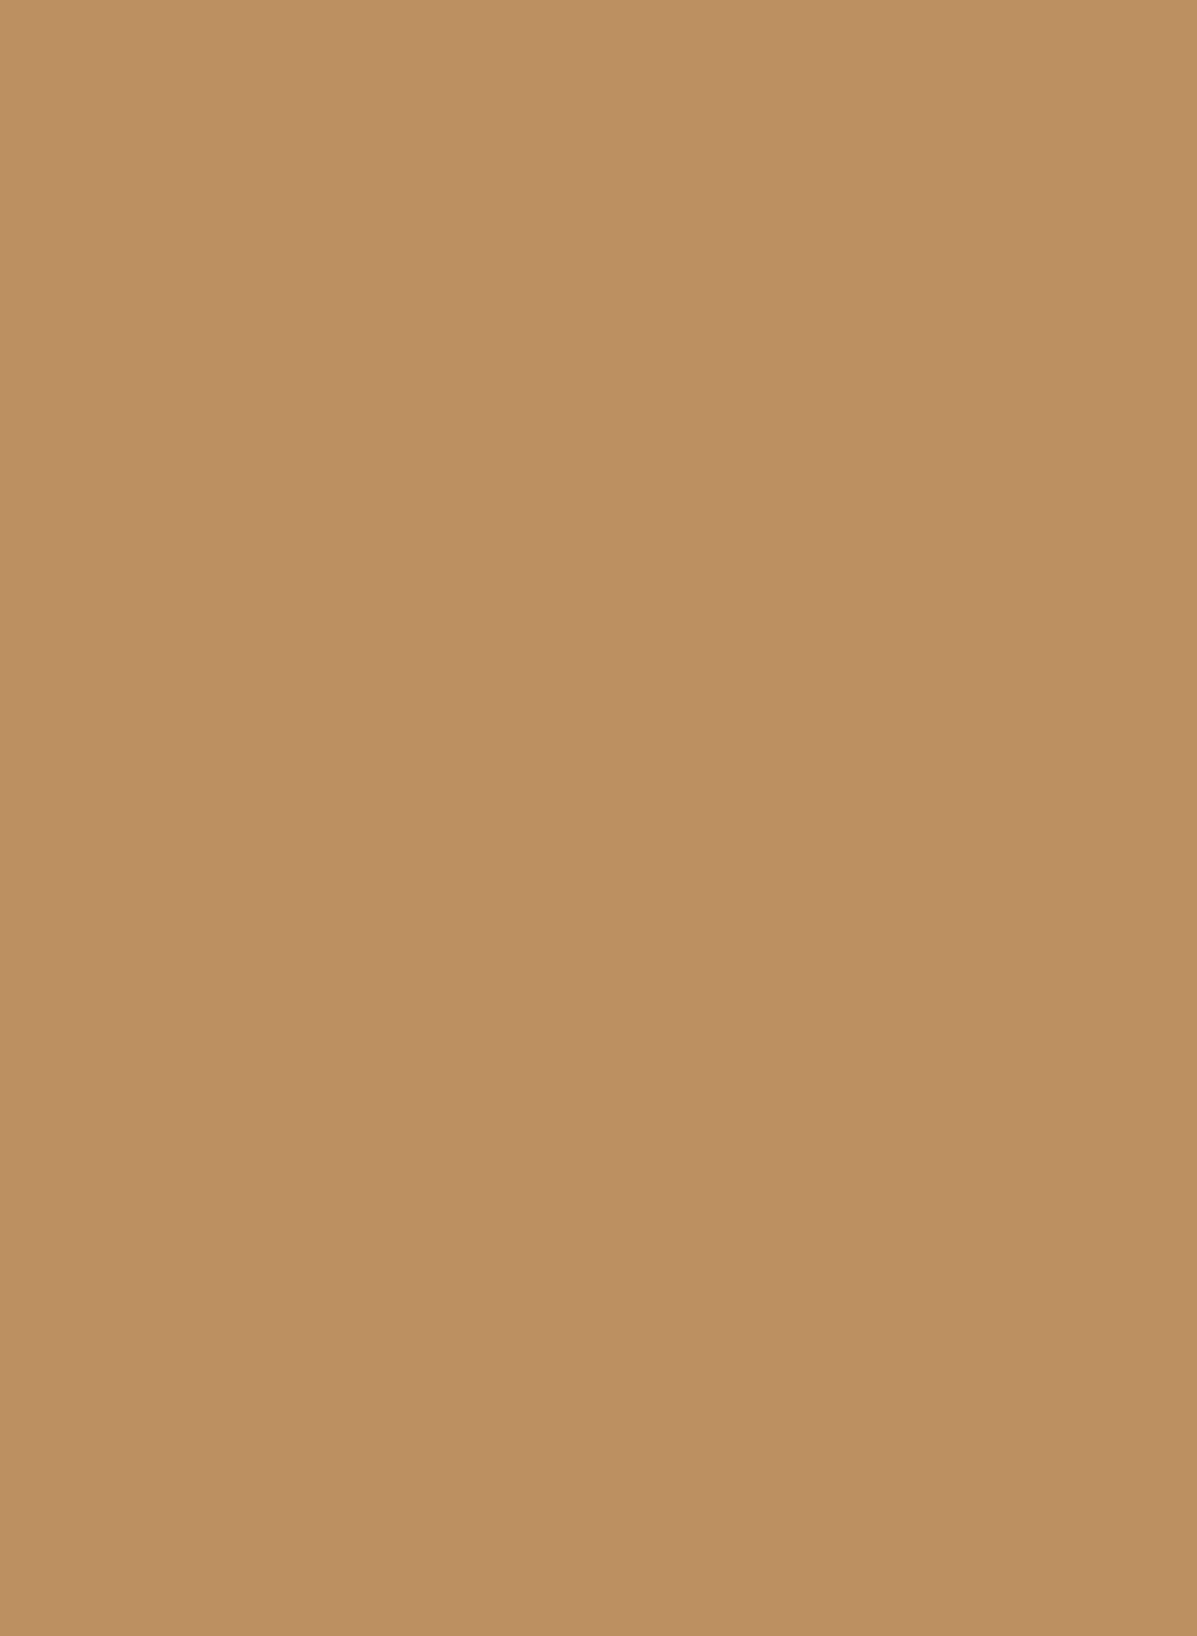 206-01 Caramello.jpg